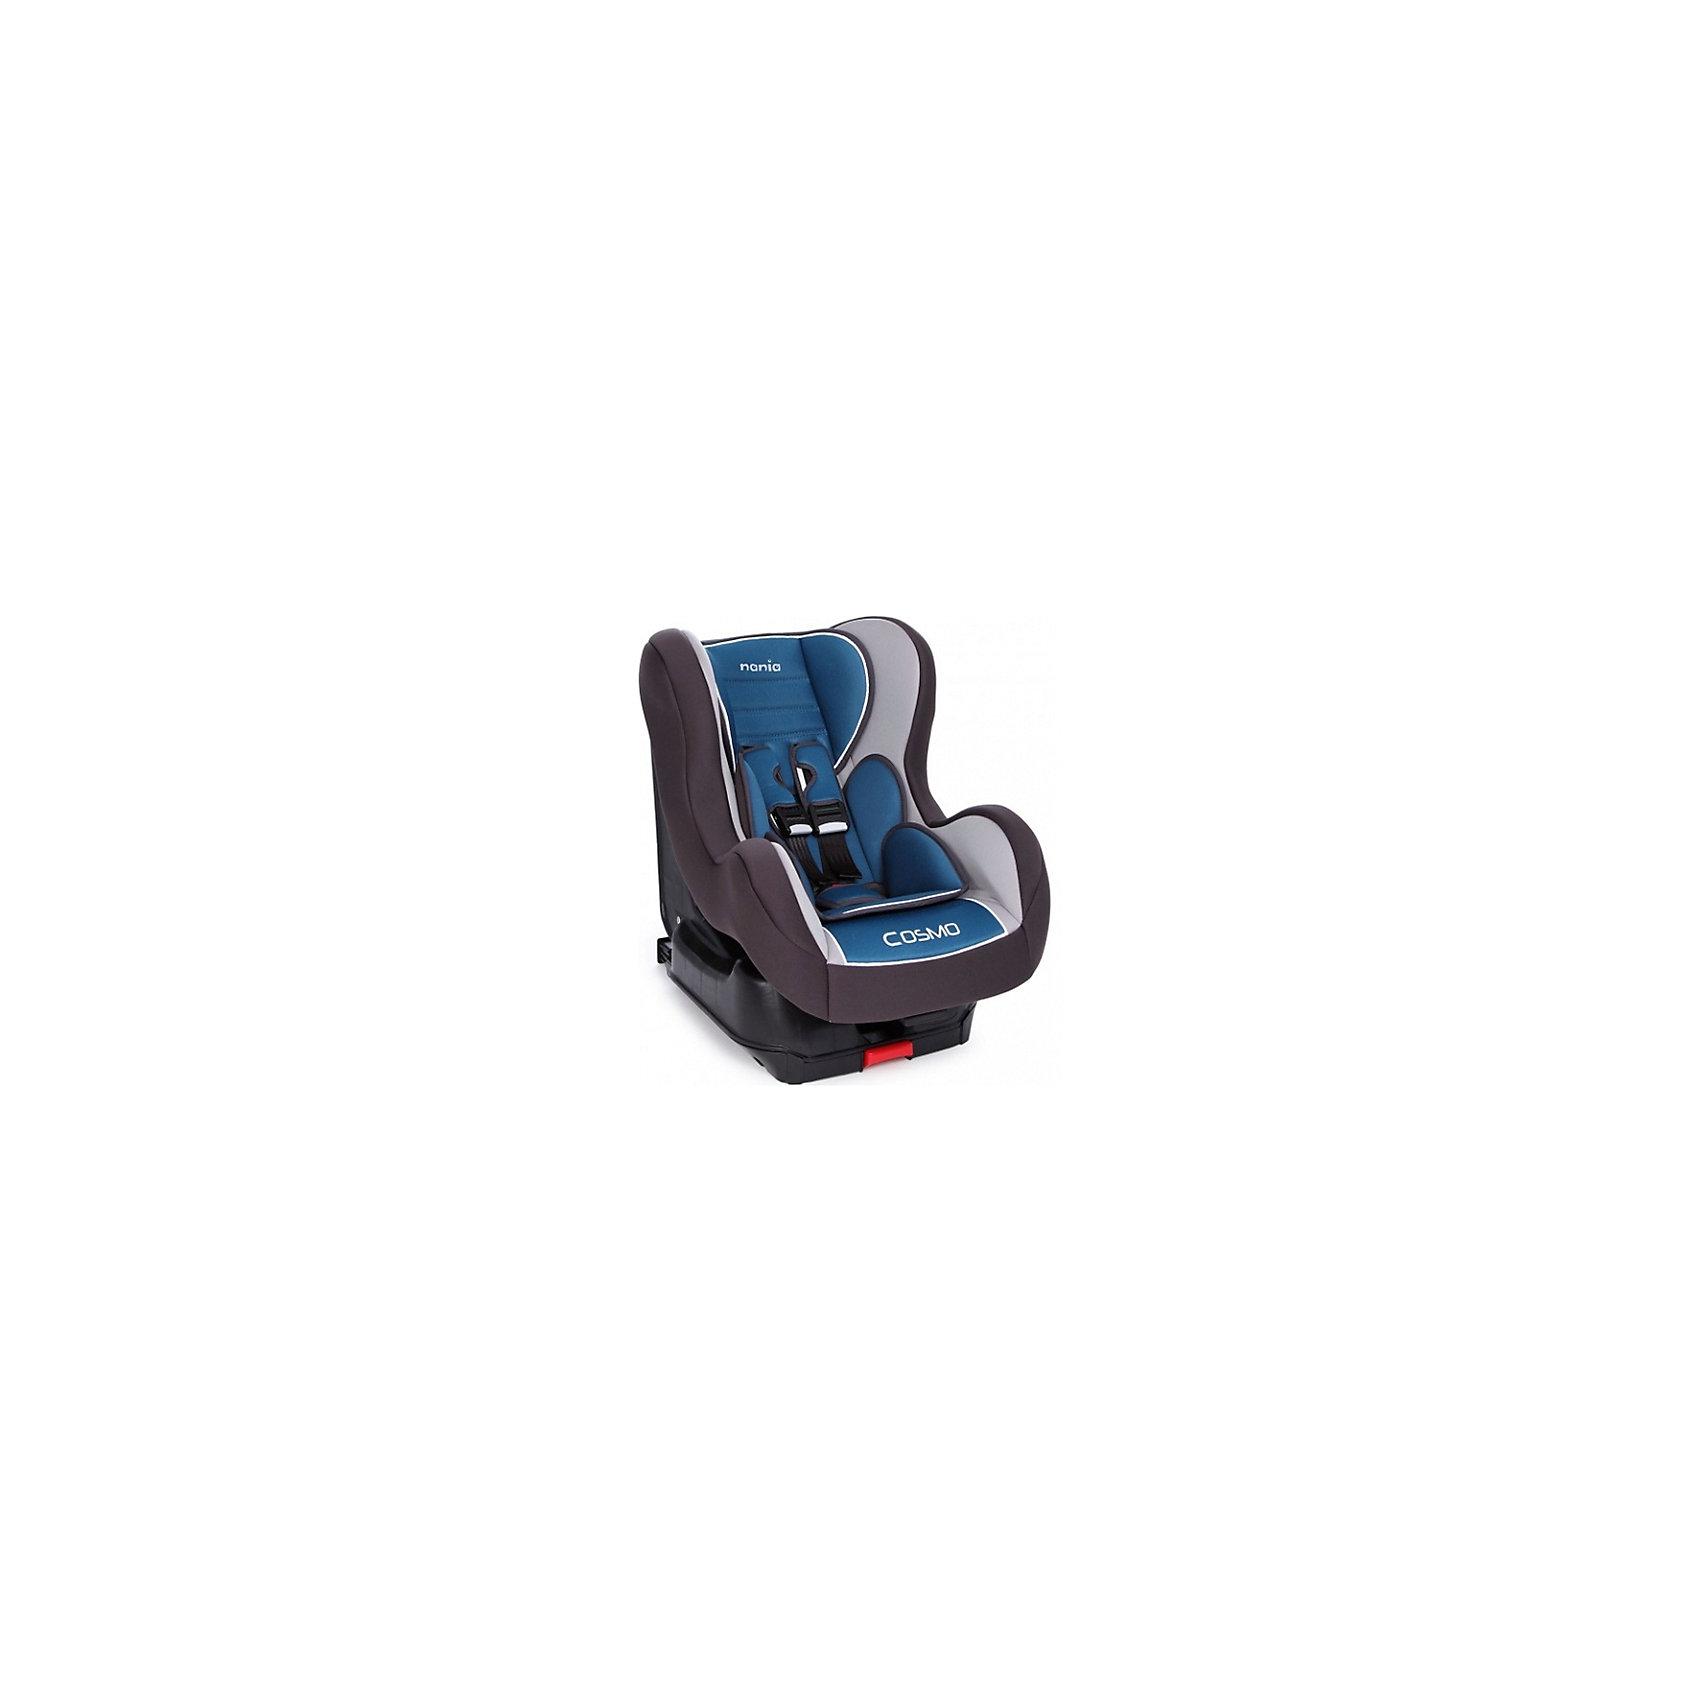 Автокресло Nania COSMO SP isofix 9-18 кг, AGORE PETROLE, голубой